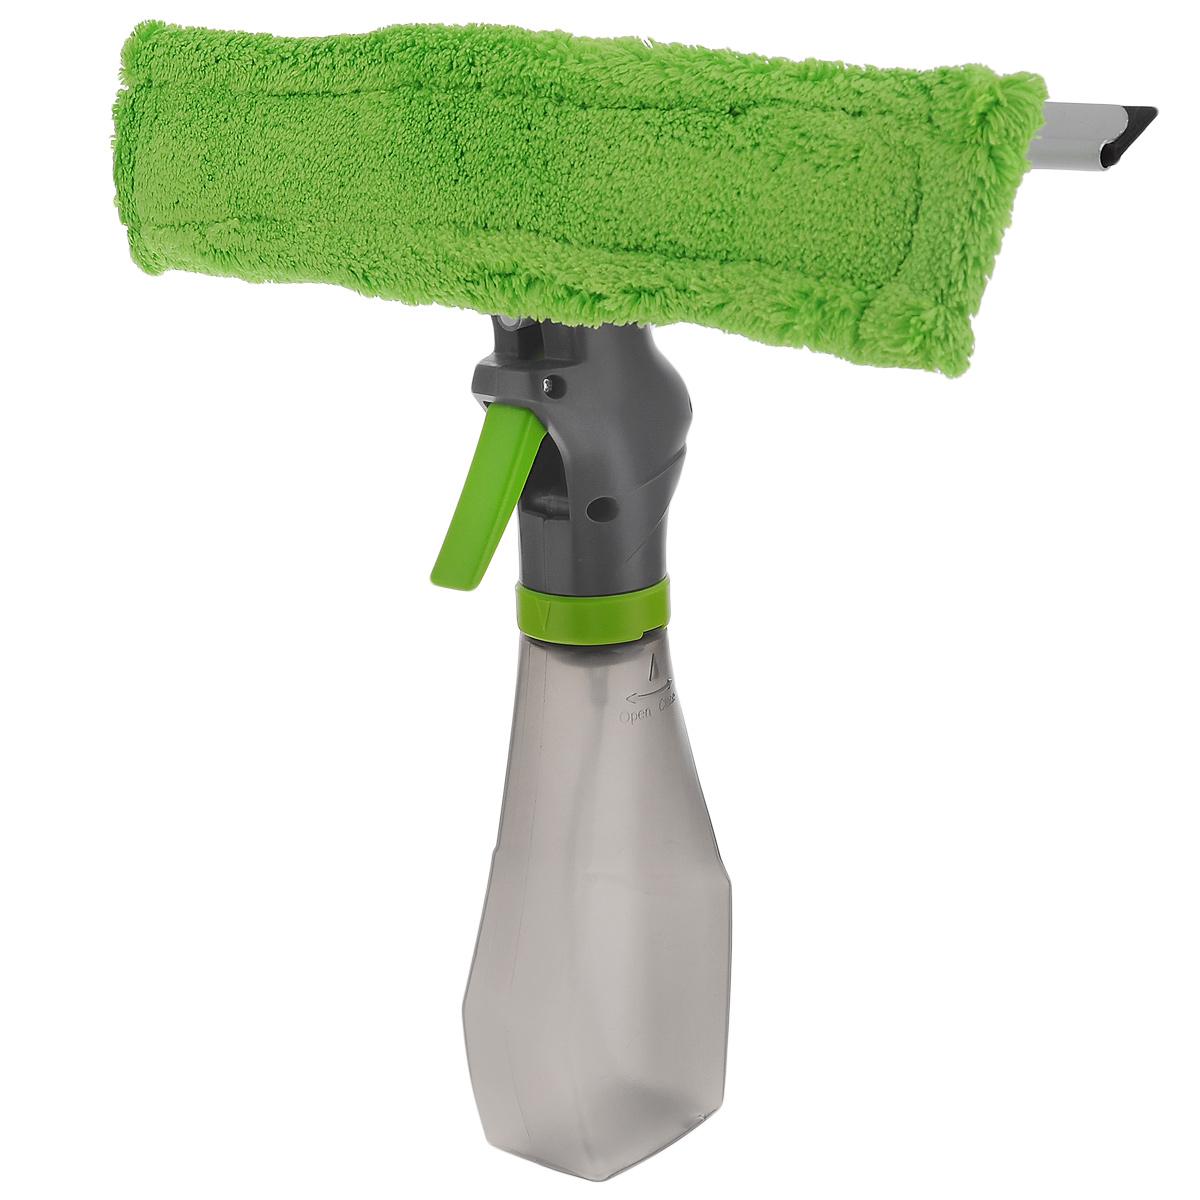 Стеклоочиститель Flatel, с распылителем и насадкой из микрофибрыES1352Стеклоочиститель Flatel, с распылителем и насадкой из микрофибры состоит из 3 частей: водосгона, насадки из микрофибры, емкости дляжидкости. Прекрасно подойдет для влажной и сухой уборки - моет и полирует без разводов. Насадка из микрофибры чистит сильные загрязнениядаже без моющих средств, а водосгон хорошо удаляет воду и пар.Стеклоочиститель подходит для домашнего использования, например, длямытья стекол, зеркал, душевых кабин, керамической плитки и уборки автомобиля.Насадка из микрофибры крепится на крепких липучках. Ееможно стирать в стиральной машине при температуре 60°C или вручную.Стеклоочиститель оснащен удобной емкостью, которая позволяетдозировать нужное количество воды или моющего средства. Длина водосгона: 25 см.Длина насадки из микрофибры: 26 см. Объем емкости: 250 мл.